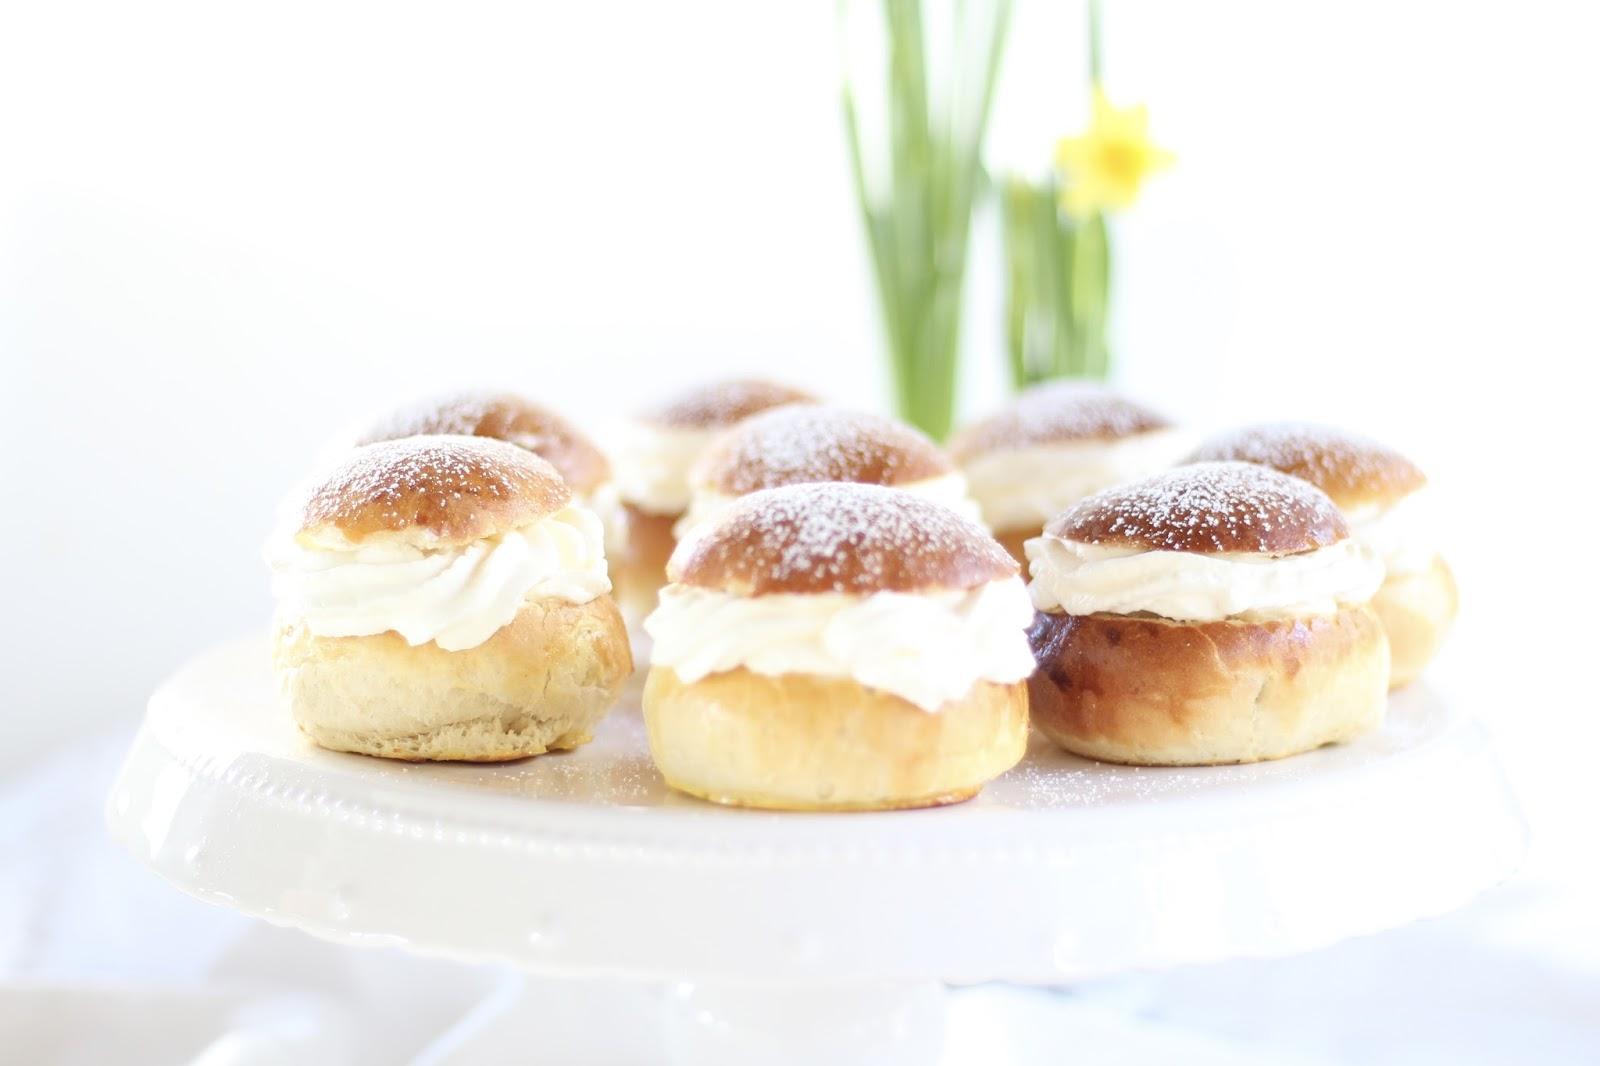 Speiseplan für eine sonnige Frühlingswoche im April: Dänische Semlor